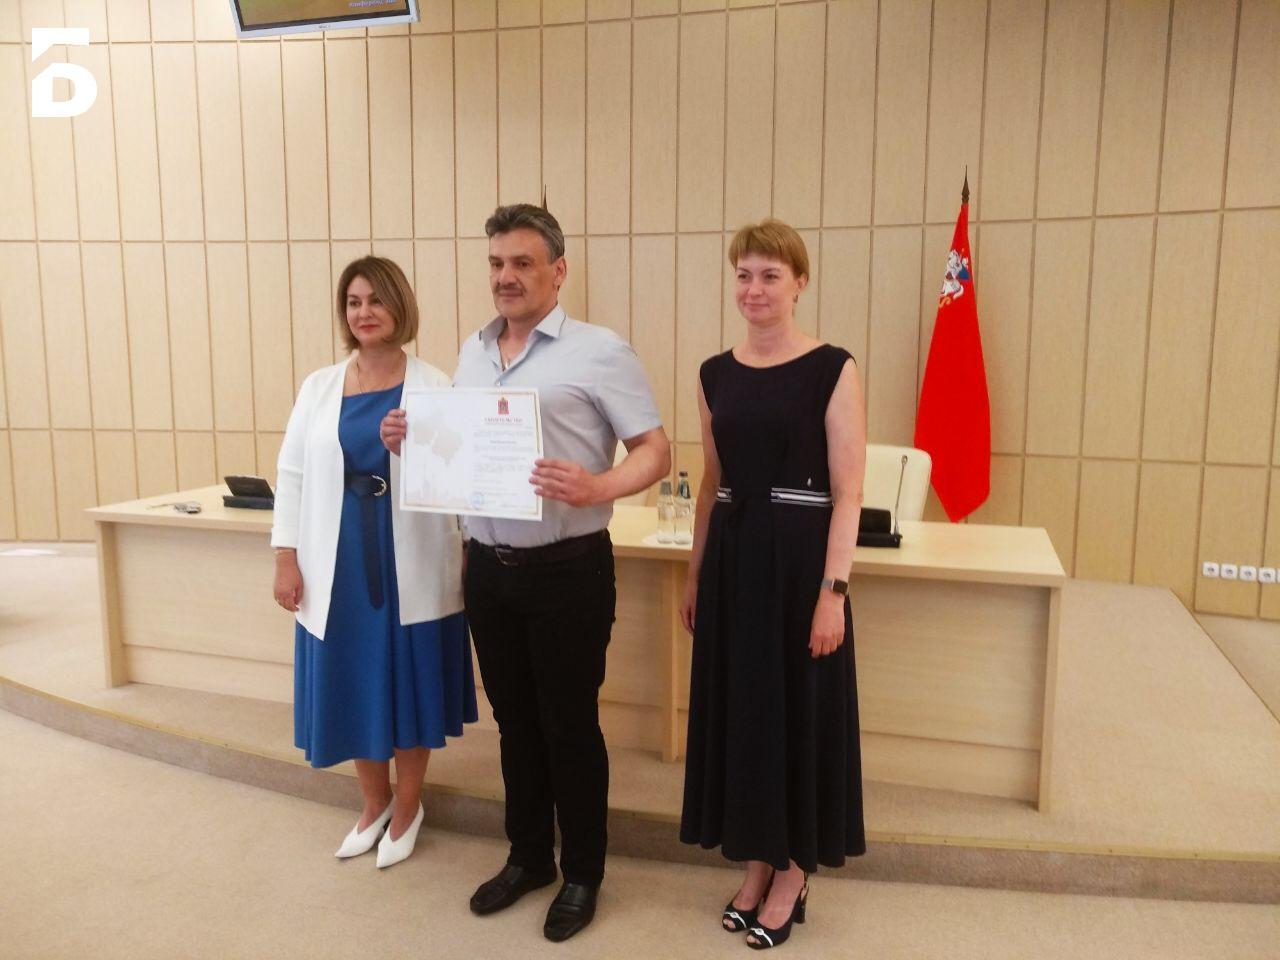 Два врача из Балашихи получили жилищные сертификаты по программе социальной ипотеки